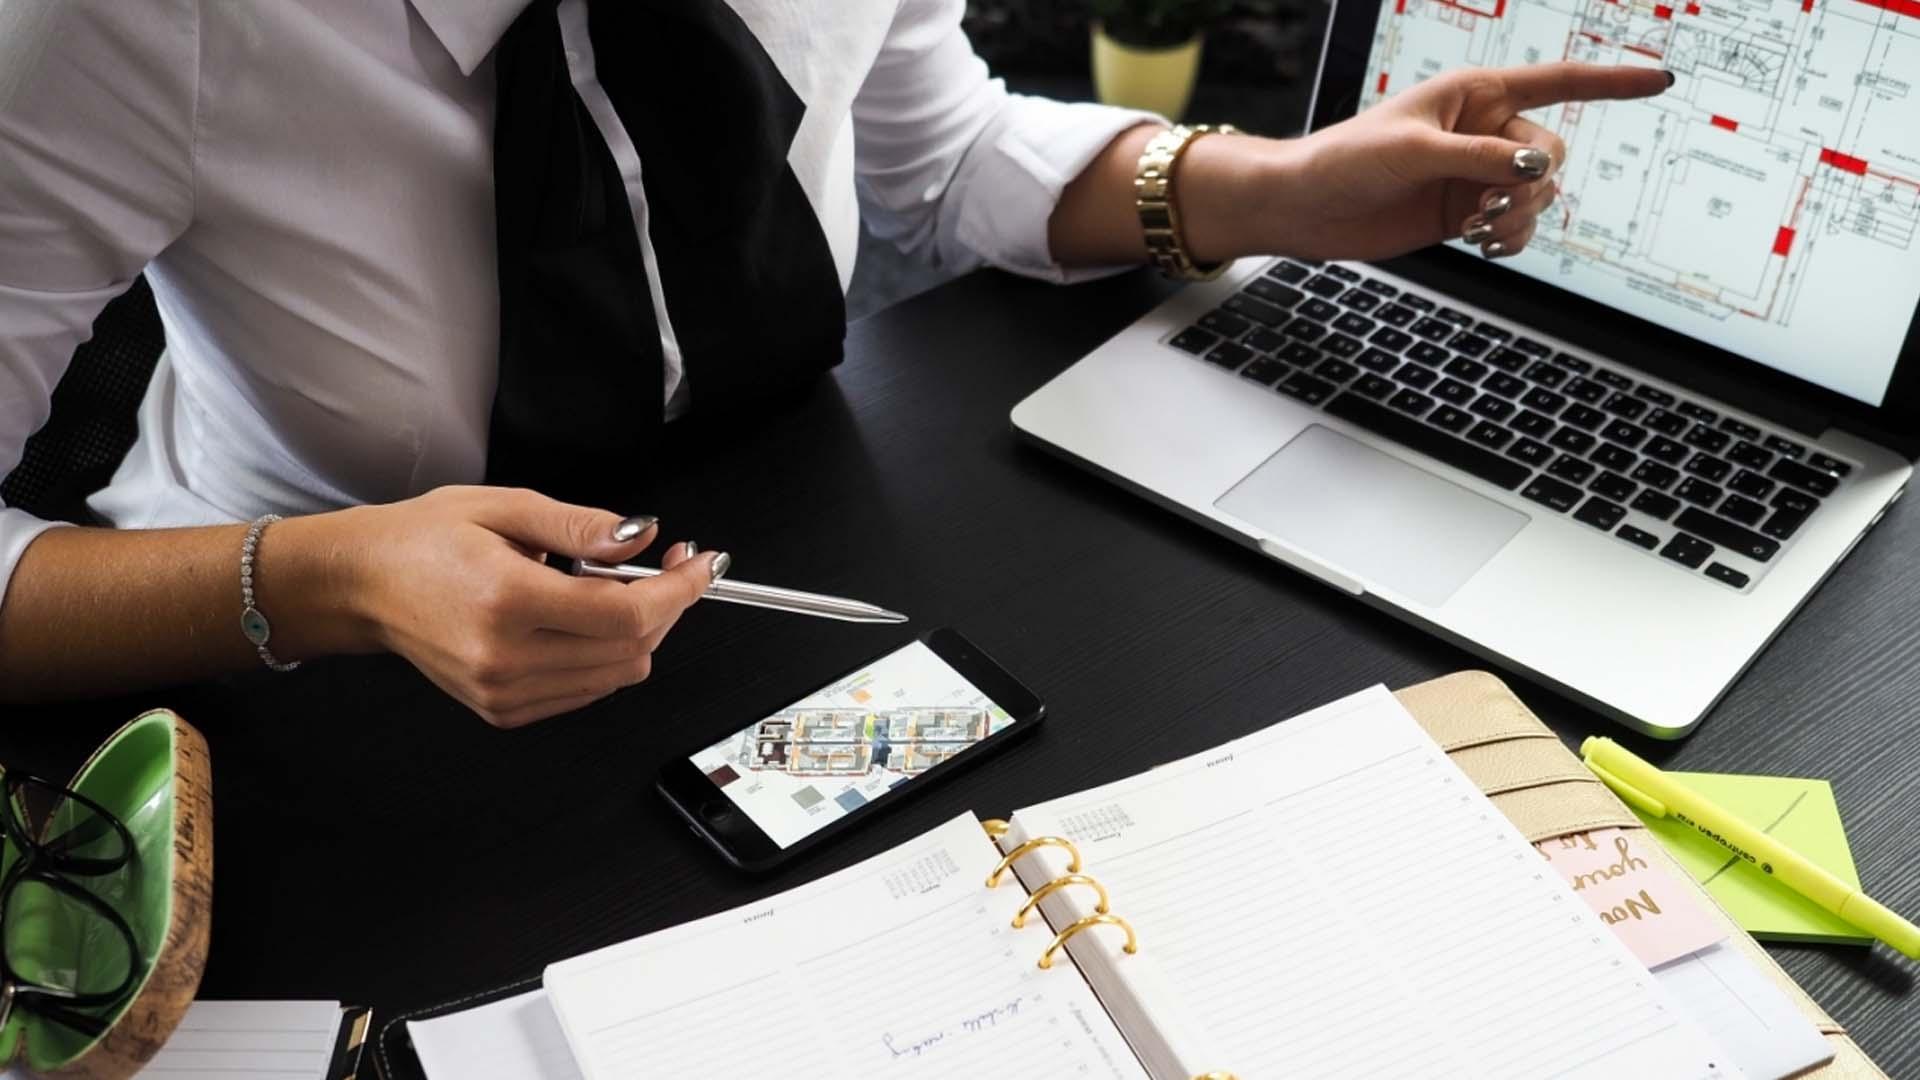 Servizi Per Agenti Immobiliari la privacy nelle agenzie immobiliari: consigli pratici per